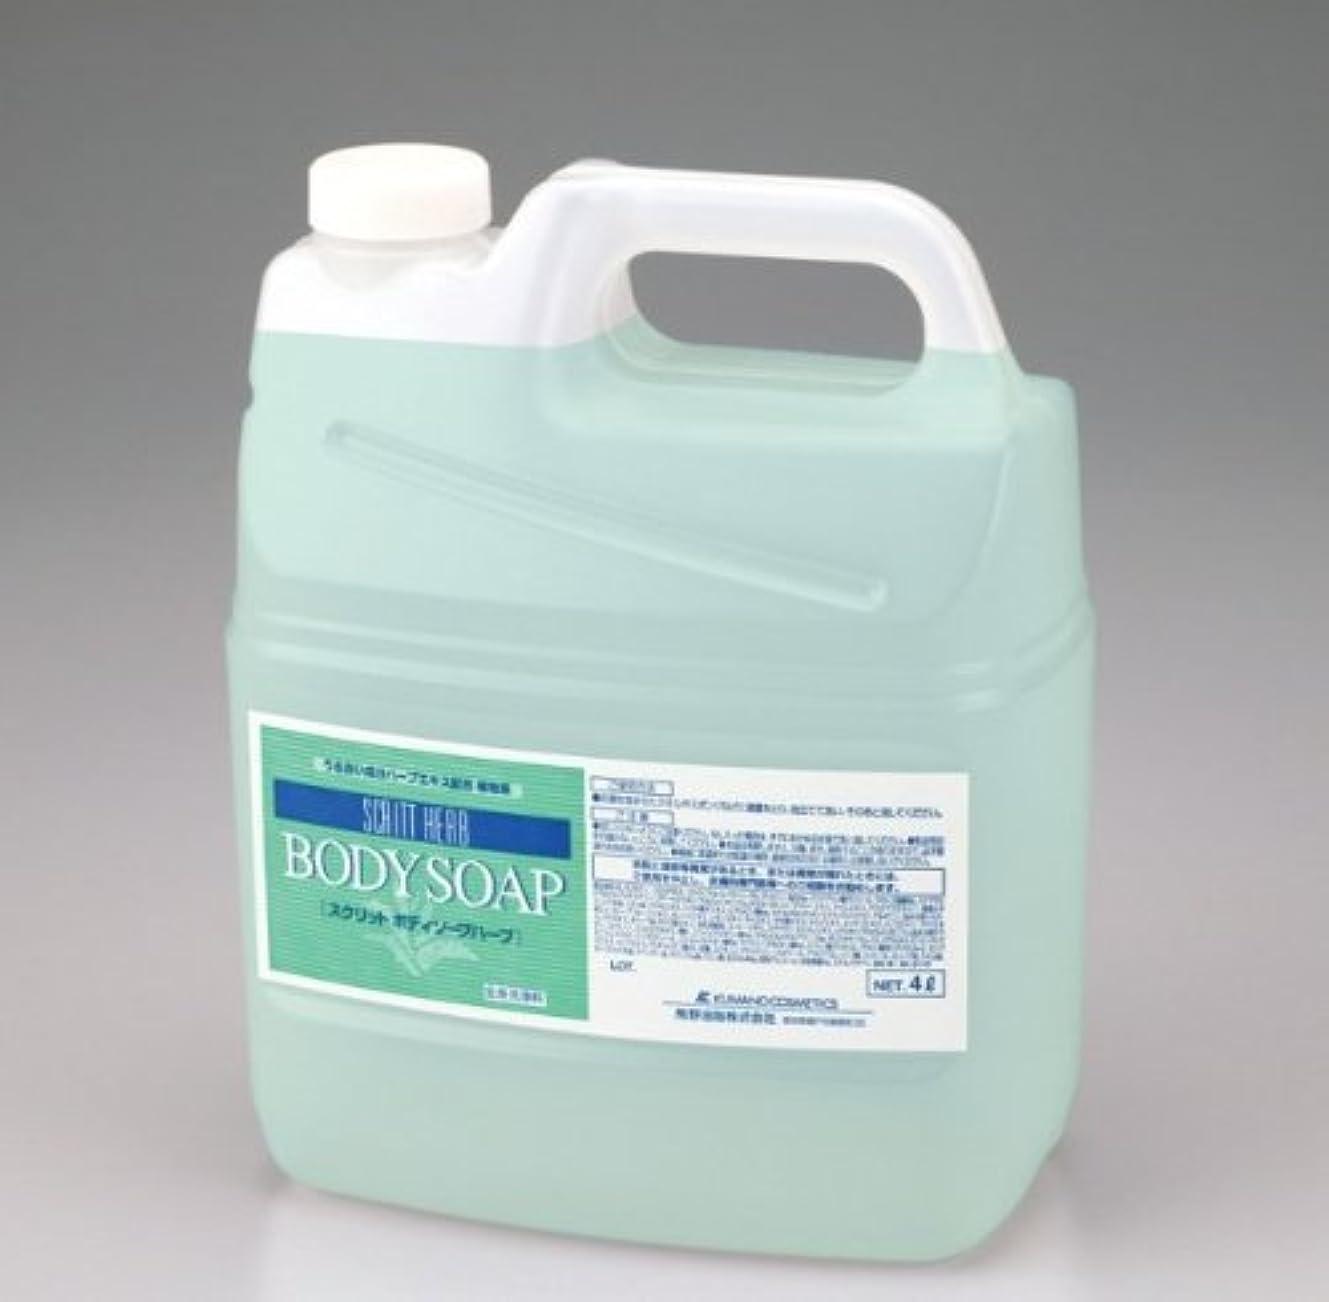 粘着性メロディアスメンテナンス熊野油脂 業務用 SCRITT(スクリット) ボディソープ 4L